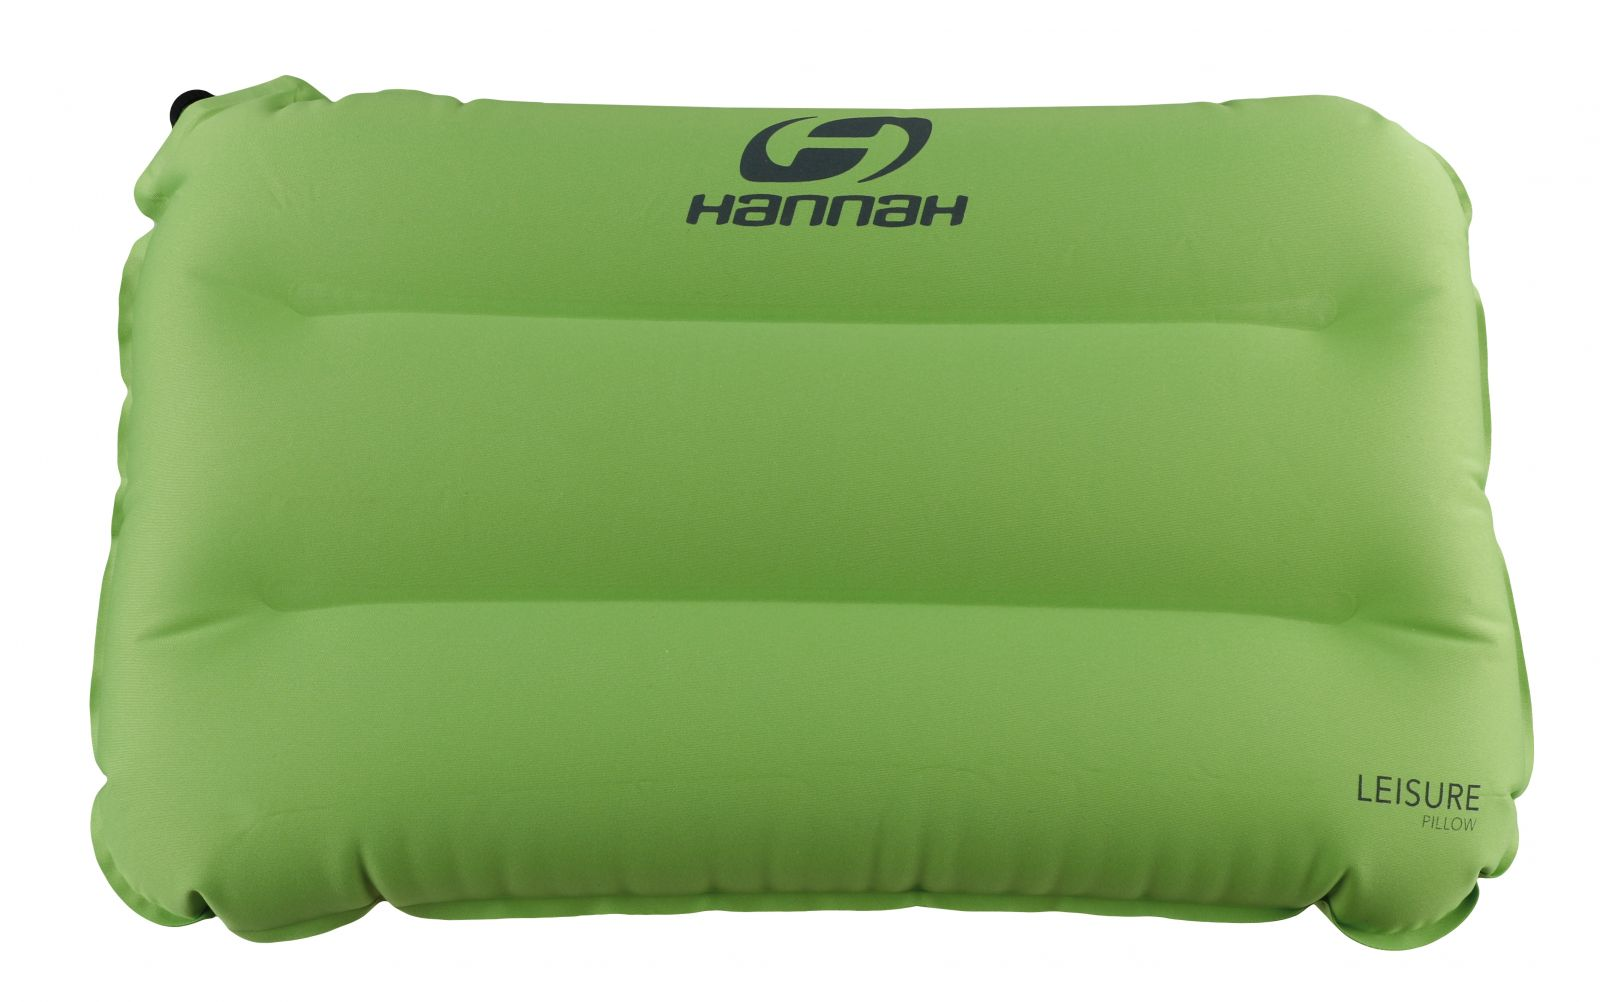 Tazz-Sport - Hannah Pillow Parrot green cestovní polštářek